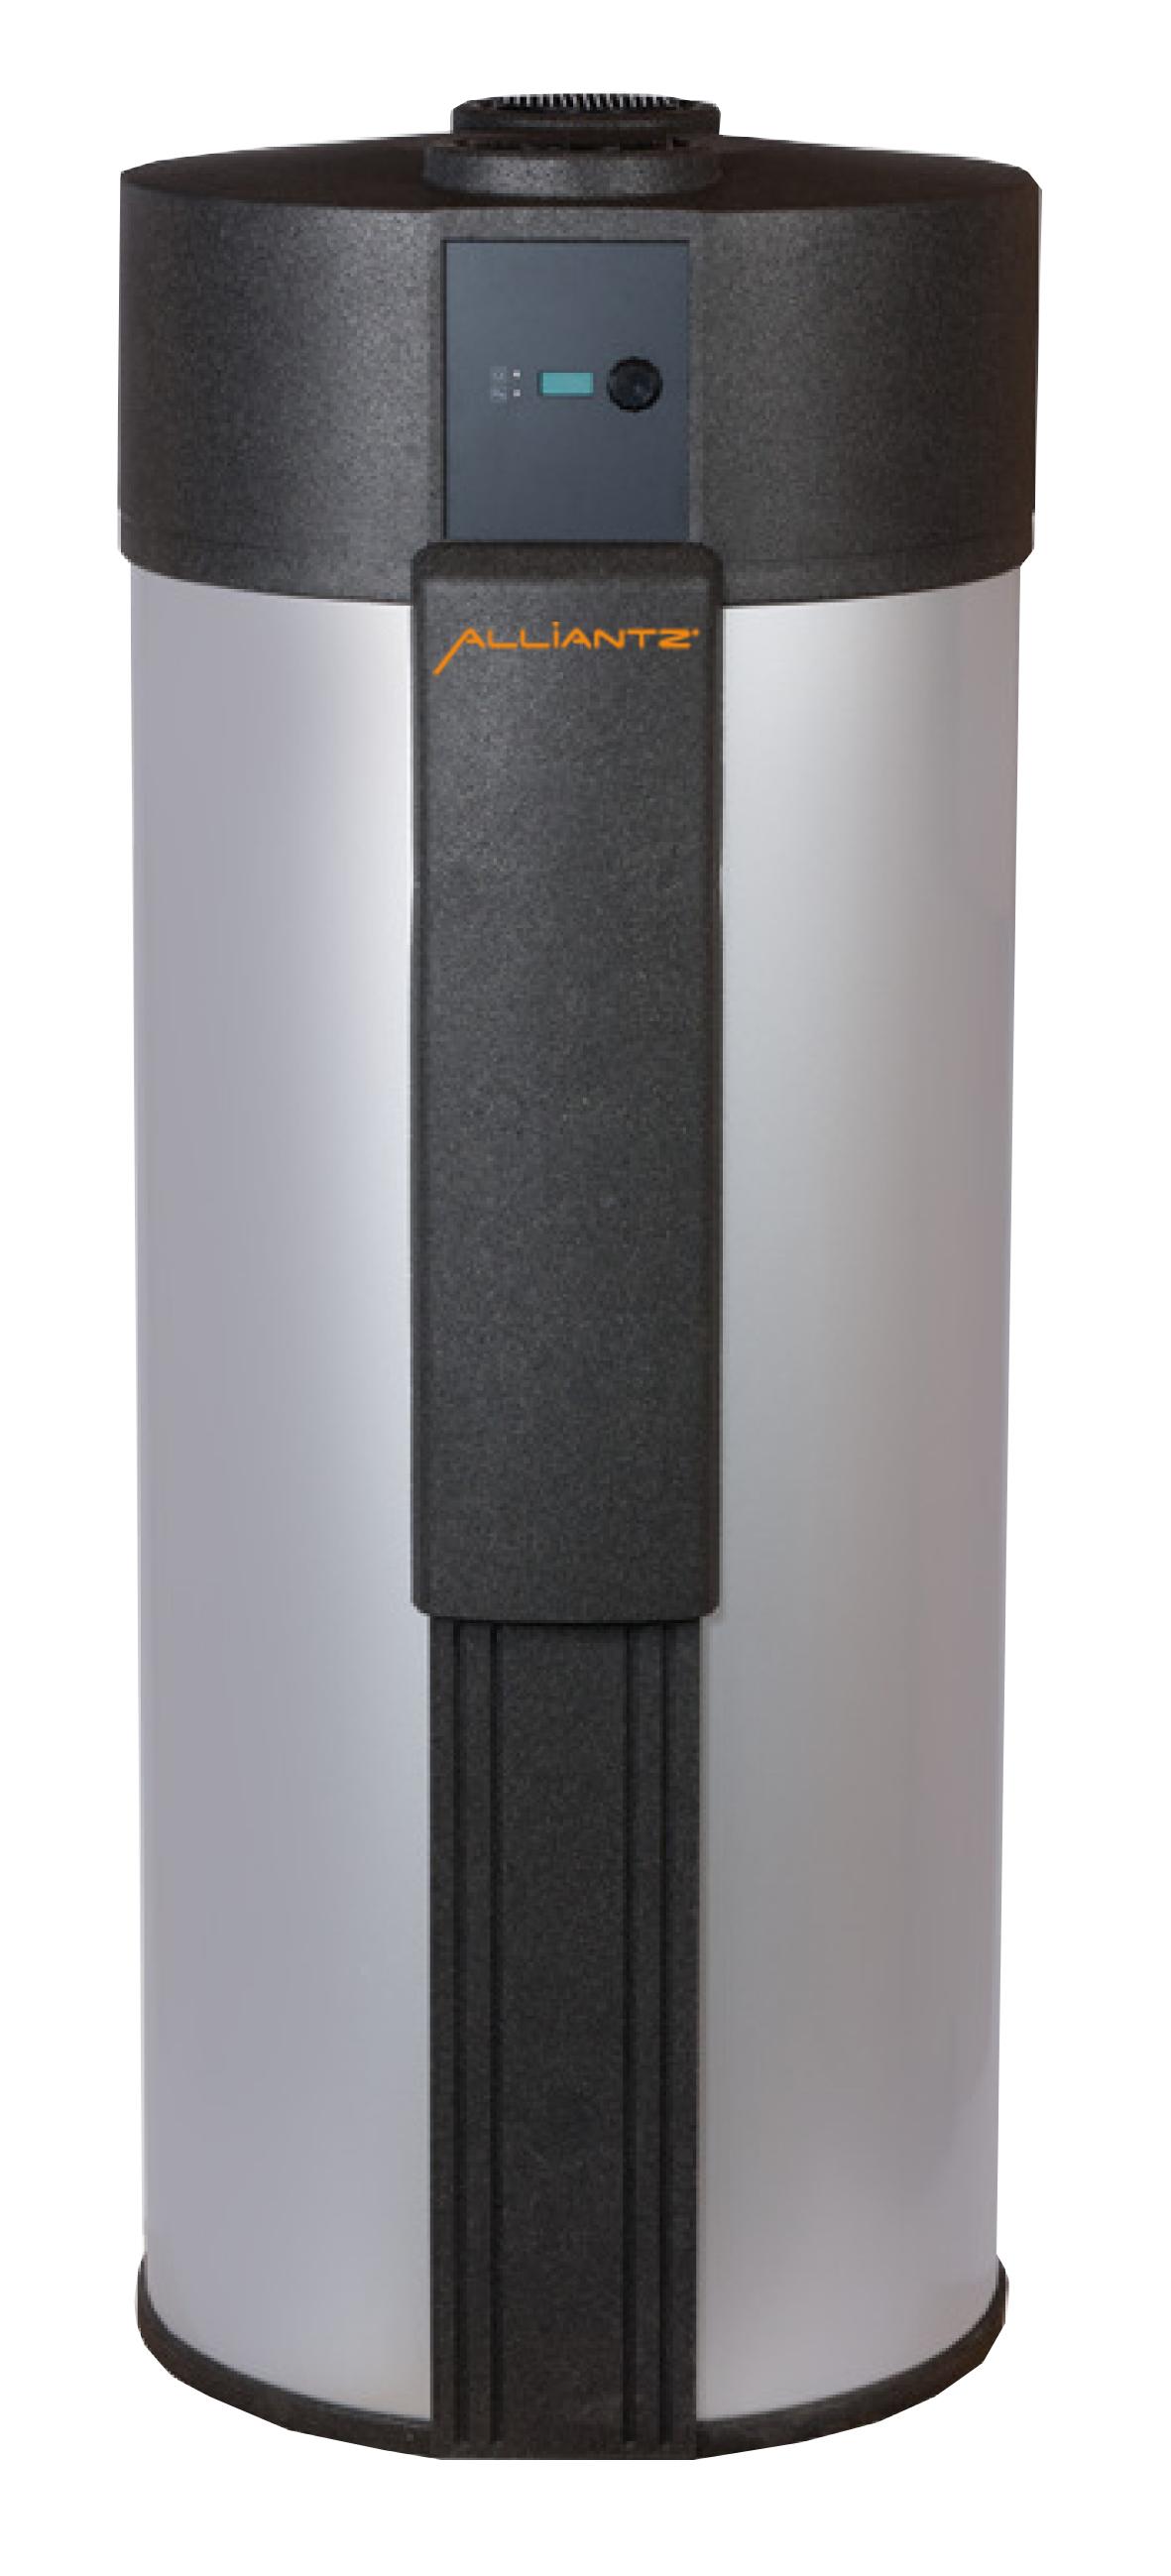 les chauffe eau thermodynamique pour diminuer votre facture edf. Black Bedroom Furniture Sets. Home Design Ideas